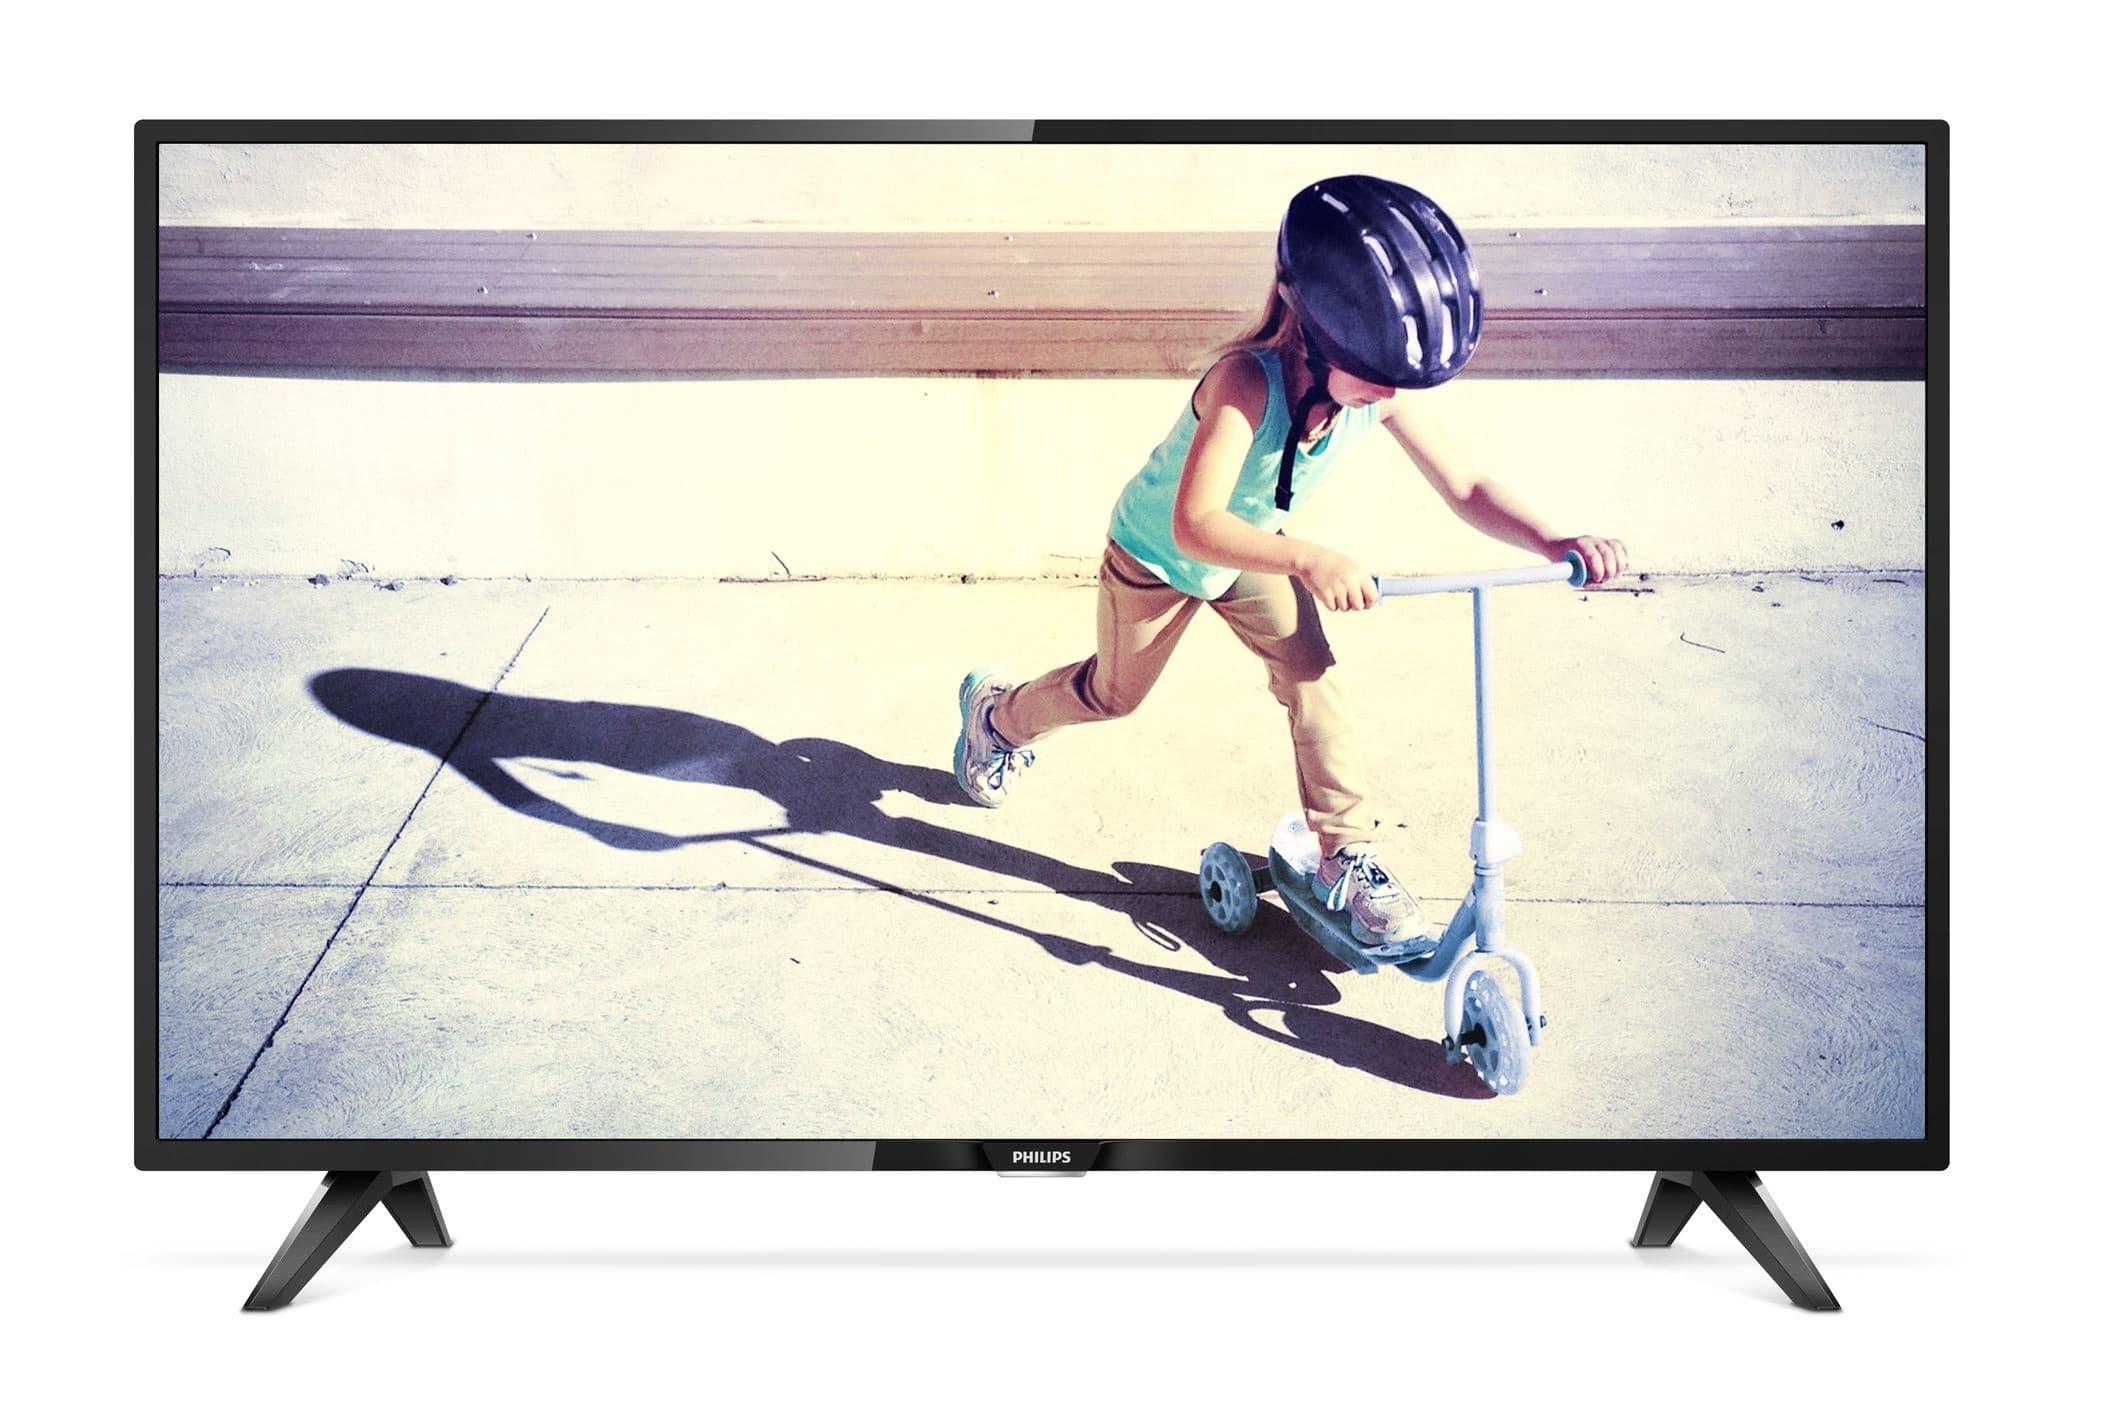 Philips 39PHS4112/12 TV 98cm 39 Zoll LED HD 200PPI A+ DVB-T2/C/S2 für 249,99 Euro